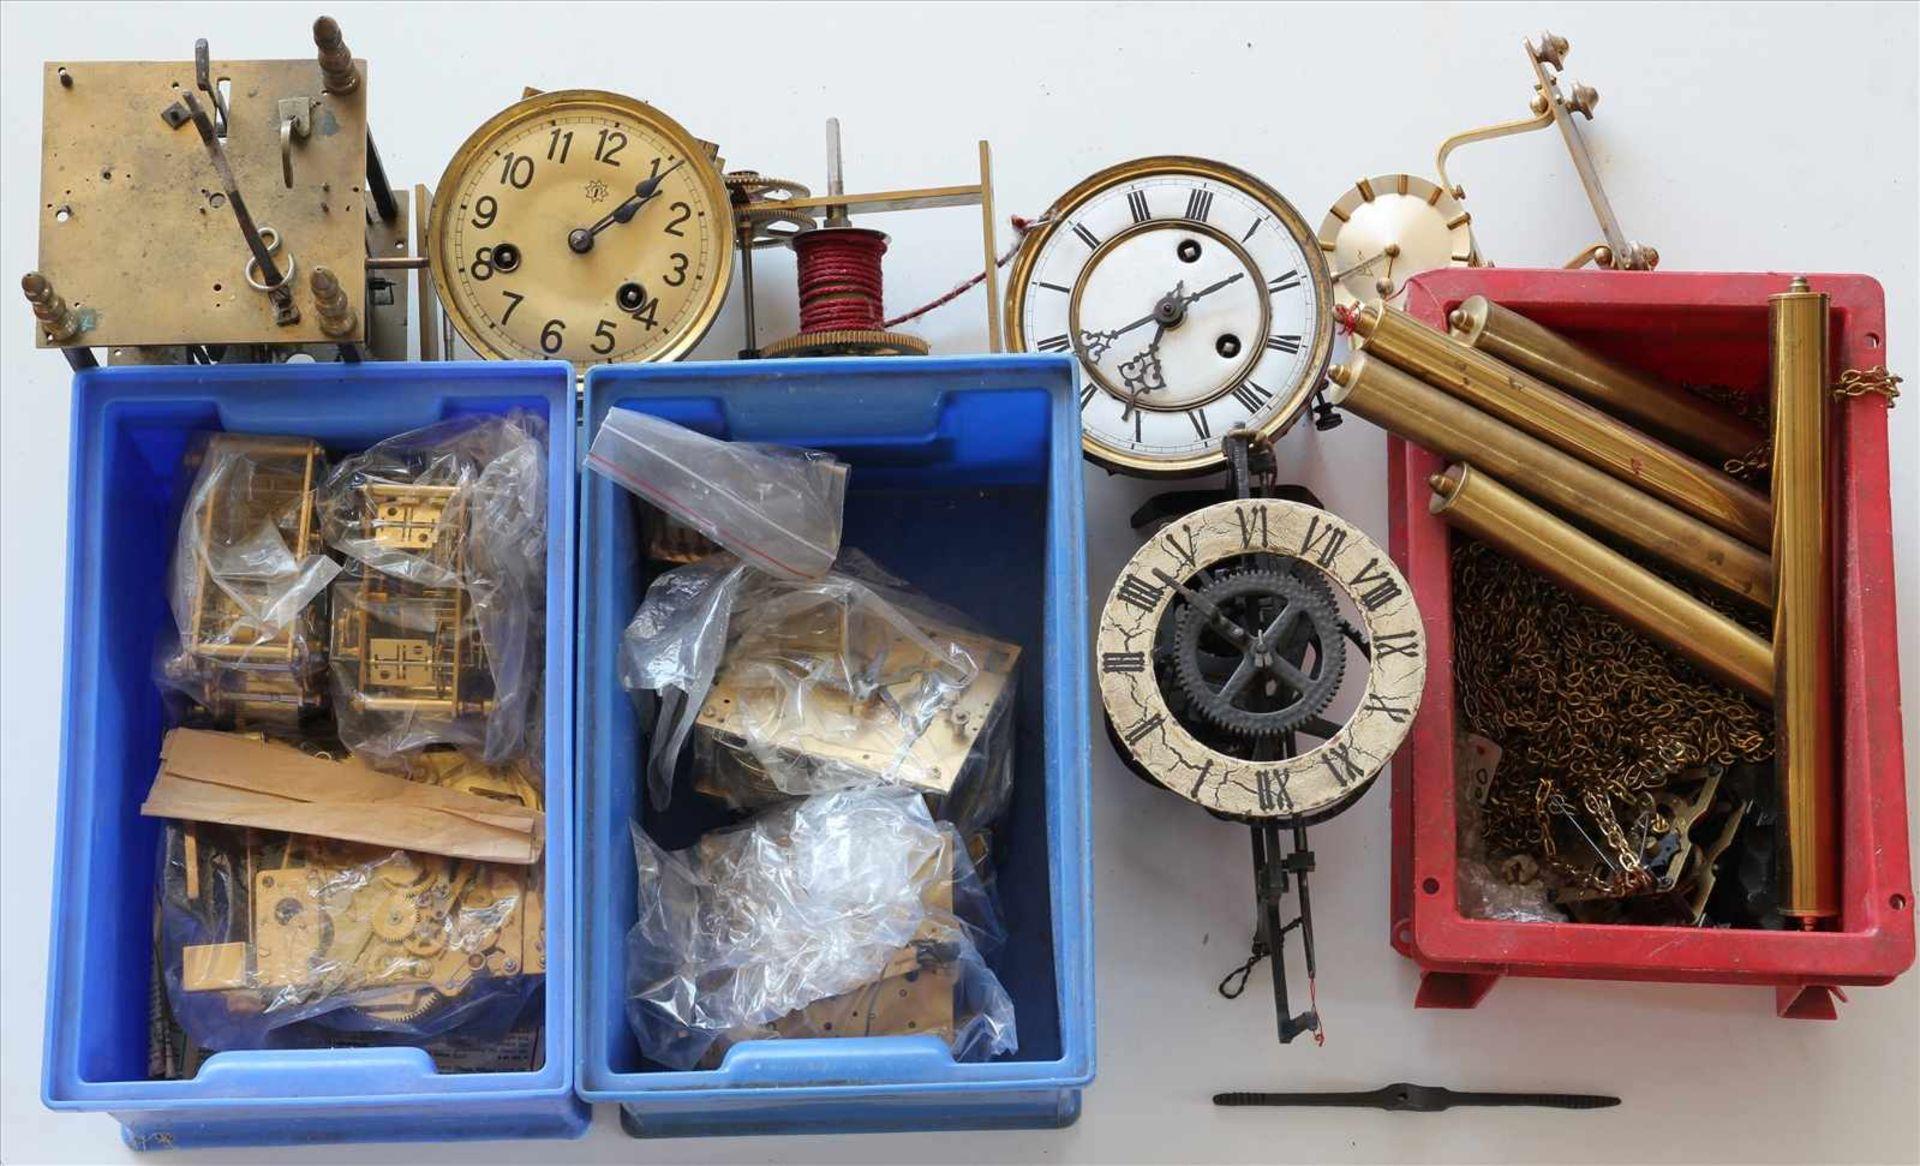 Los 16 - Konvolut UhrenteileMeist Werke für Regulatoren, teils 19. Jh. etc. Zustand wie abgebildet. Bitte